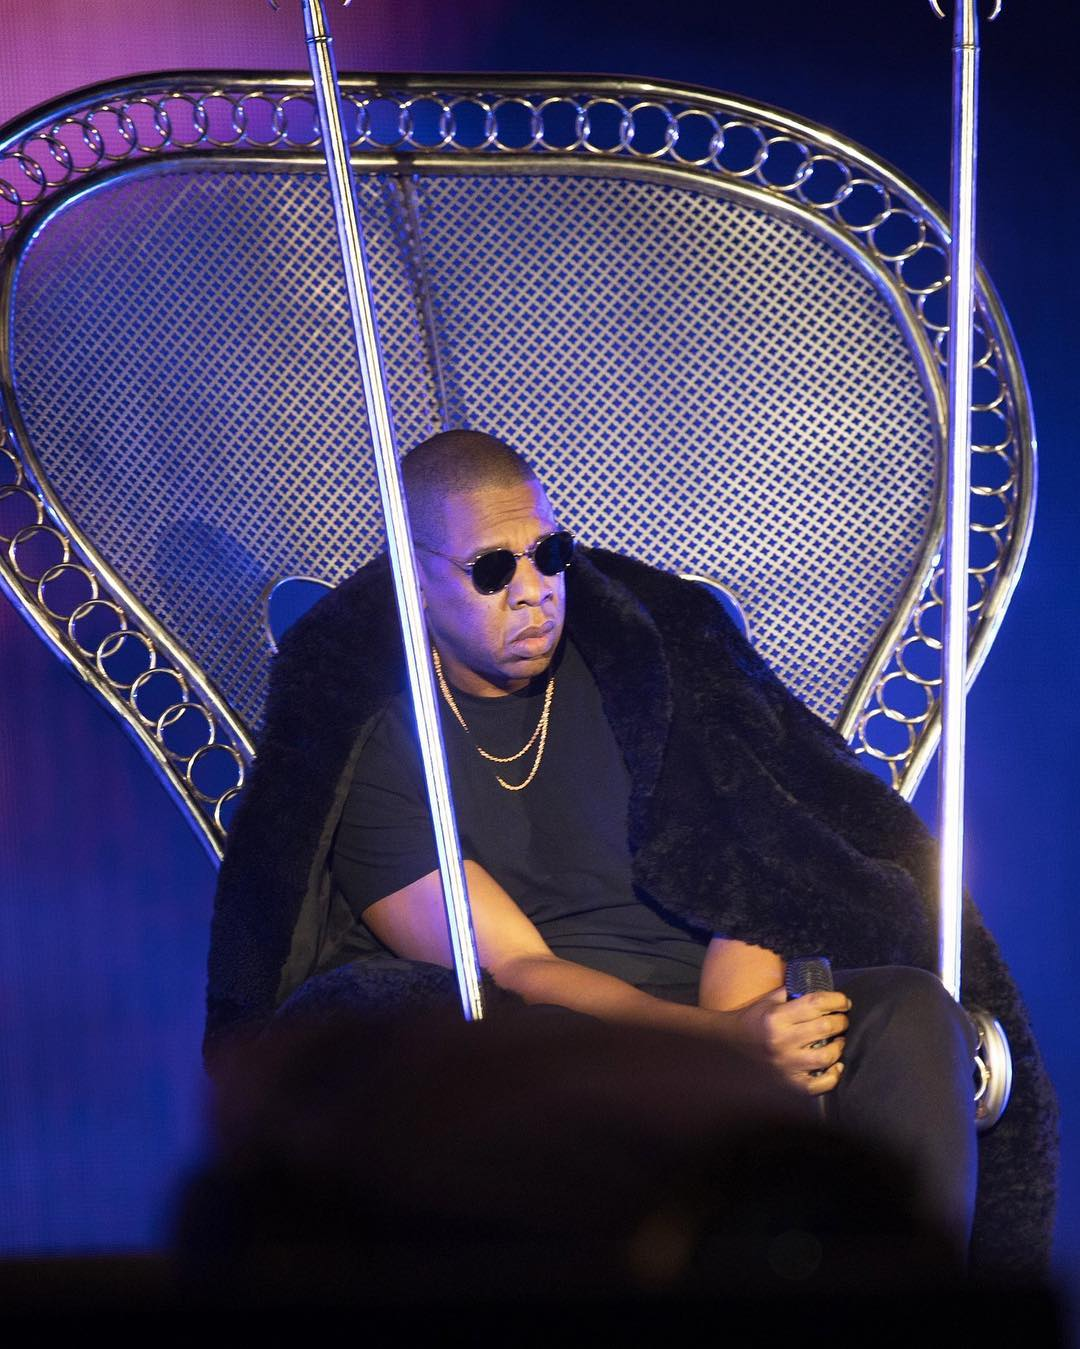 Ο Jay-Z πλήρωσε μια περιουσία σε ολοσέλιδες διαφημίσεις στη μνήμη του George Floyd